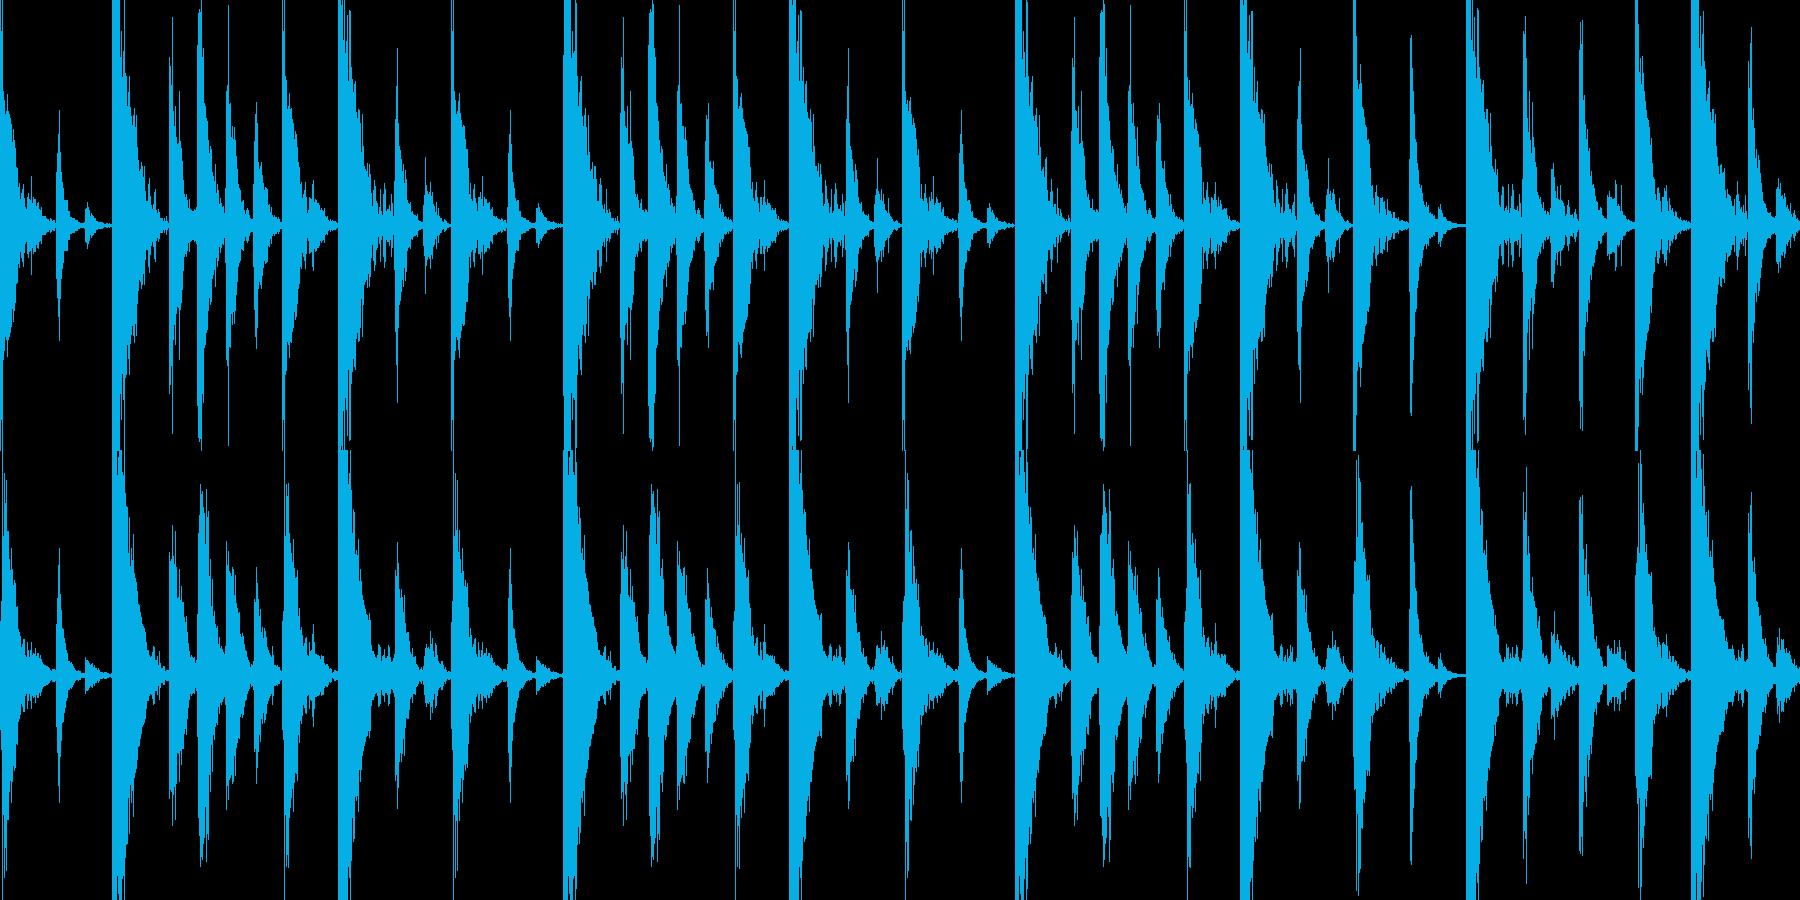 ドラムンベースのリズムループ/パターンの再生済みの波形